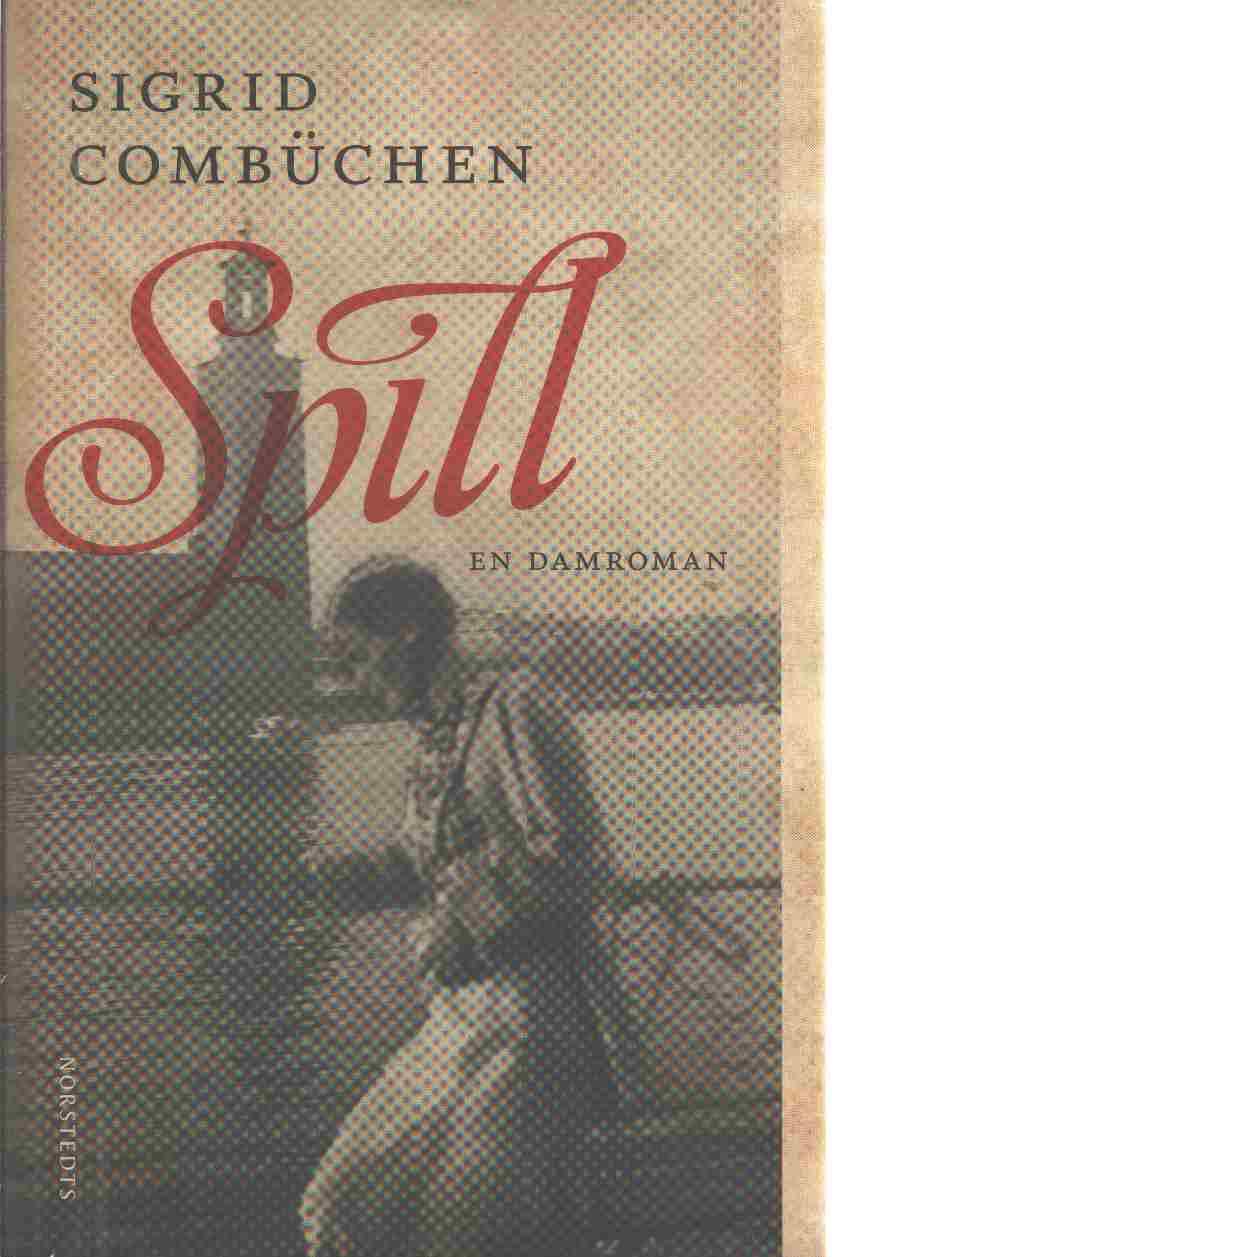 Spill : en damroman - Combüchen, Sigrid